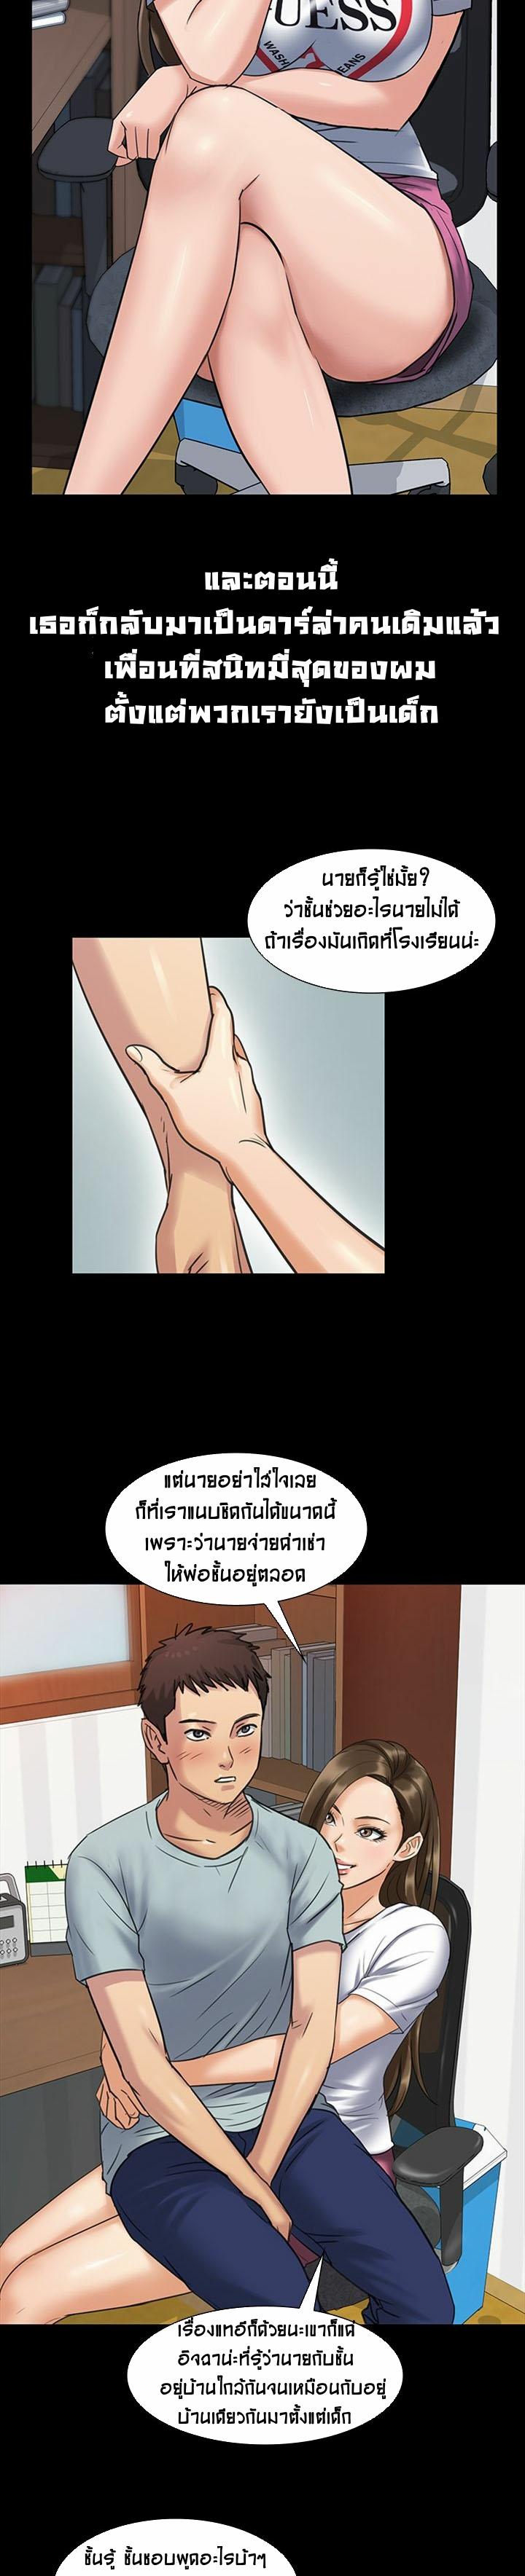 ควีน บี 2 ภาพ 5